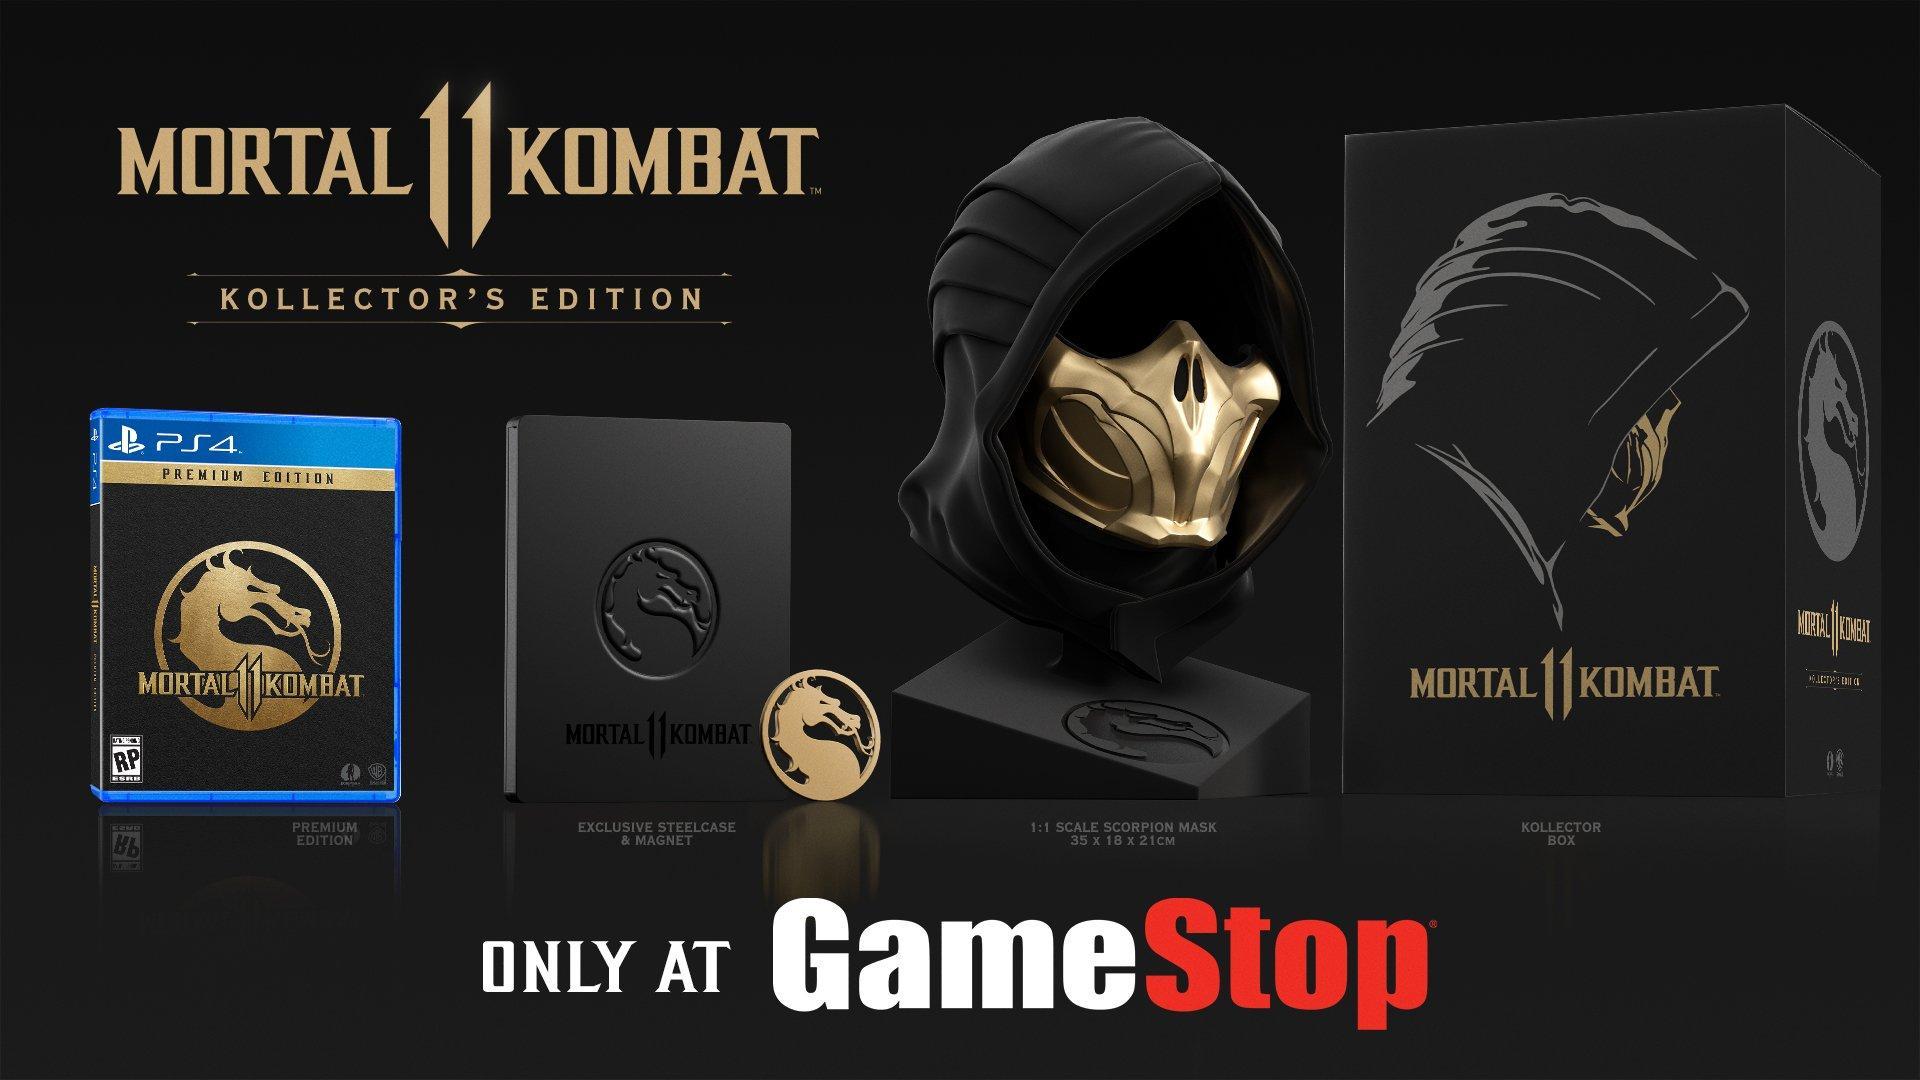 Mortal Kombat 11 Kollector's Edition - Only at GameStop | PlayStation 4 |  GameStop